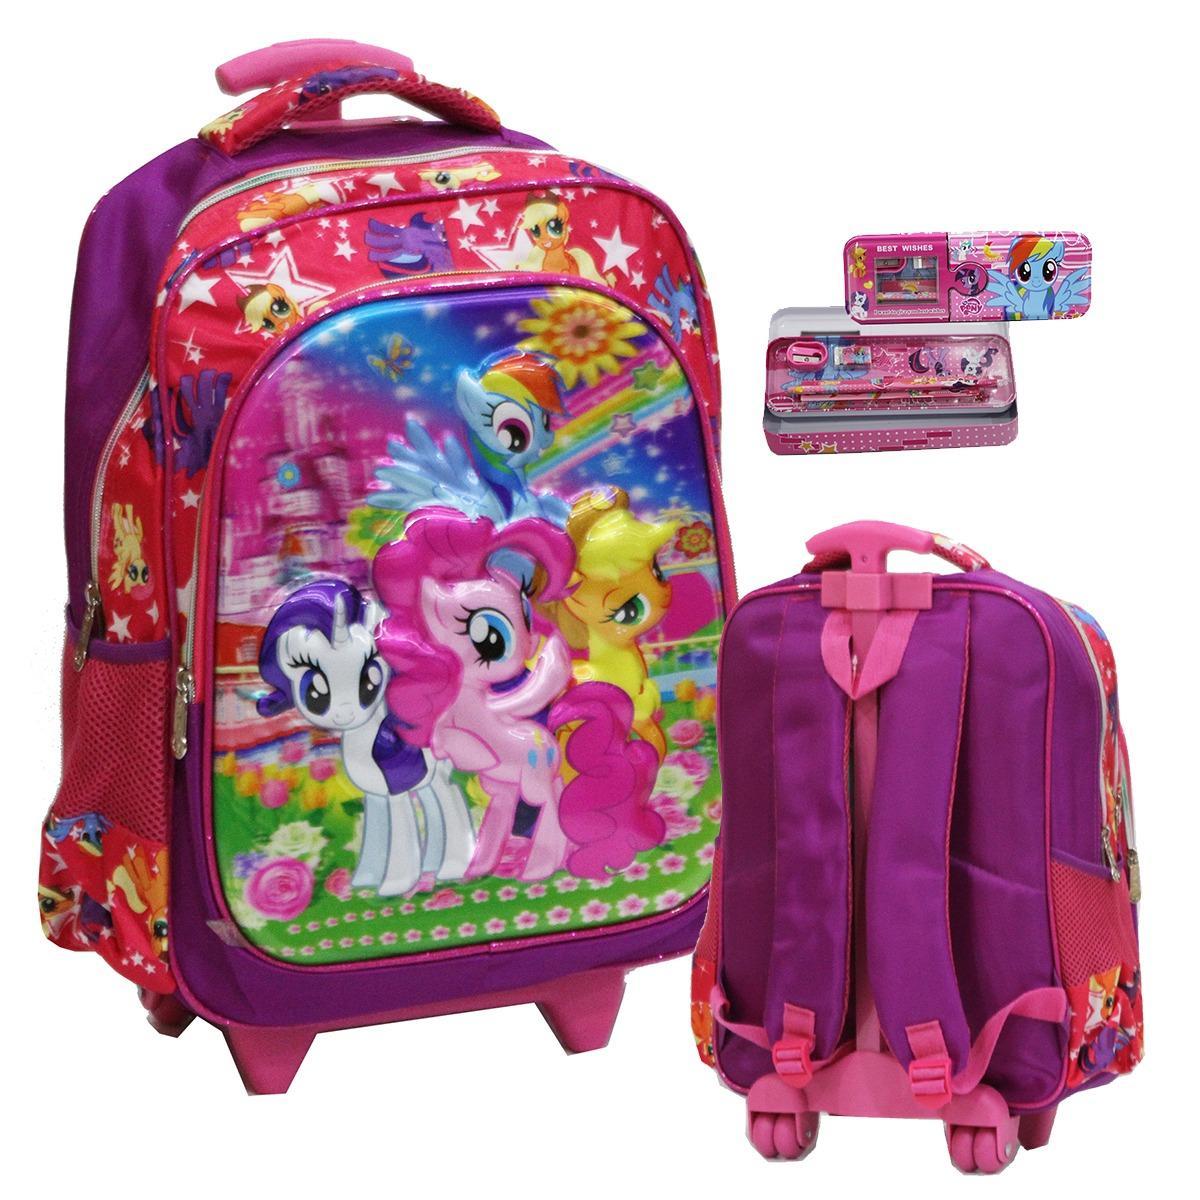 Spesifikasi Onlan Tas Anak Sekolah Sd Karakter Anak Perempuan 5D Timbul Hologram Import Kotak Pensil Pink Lengkap